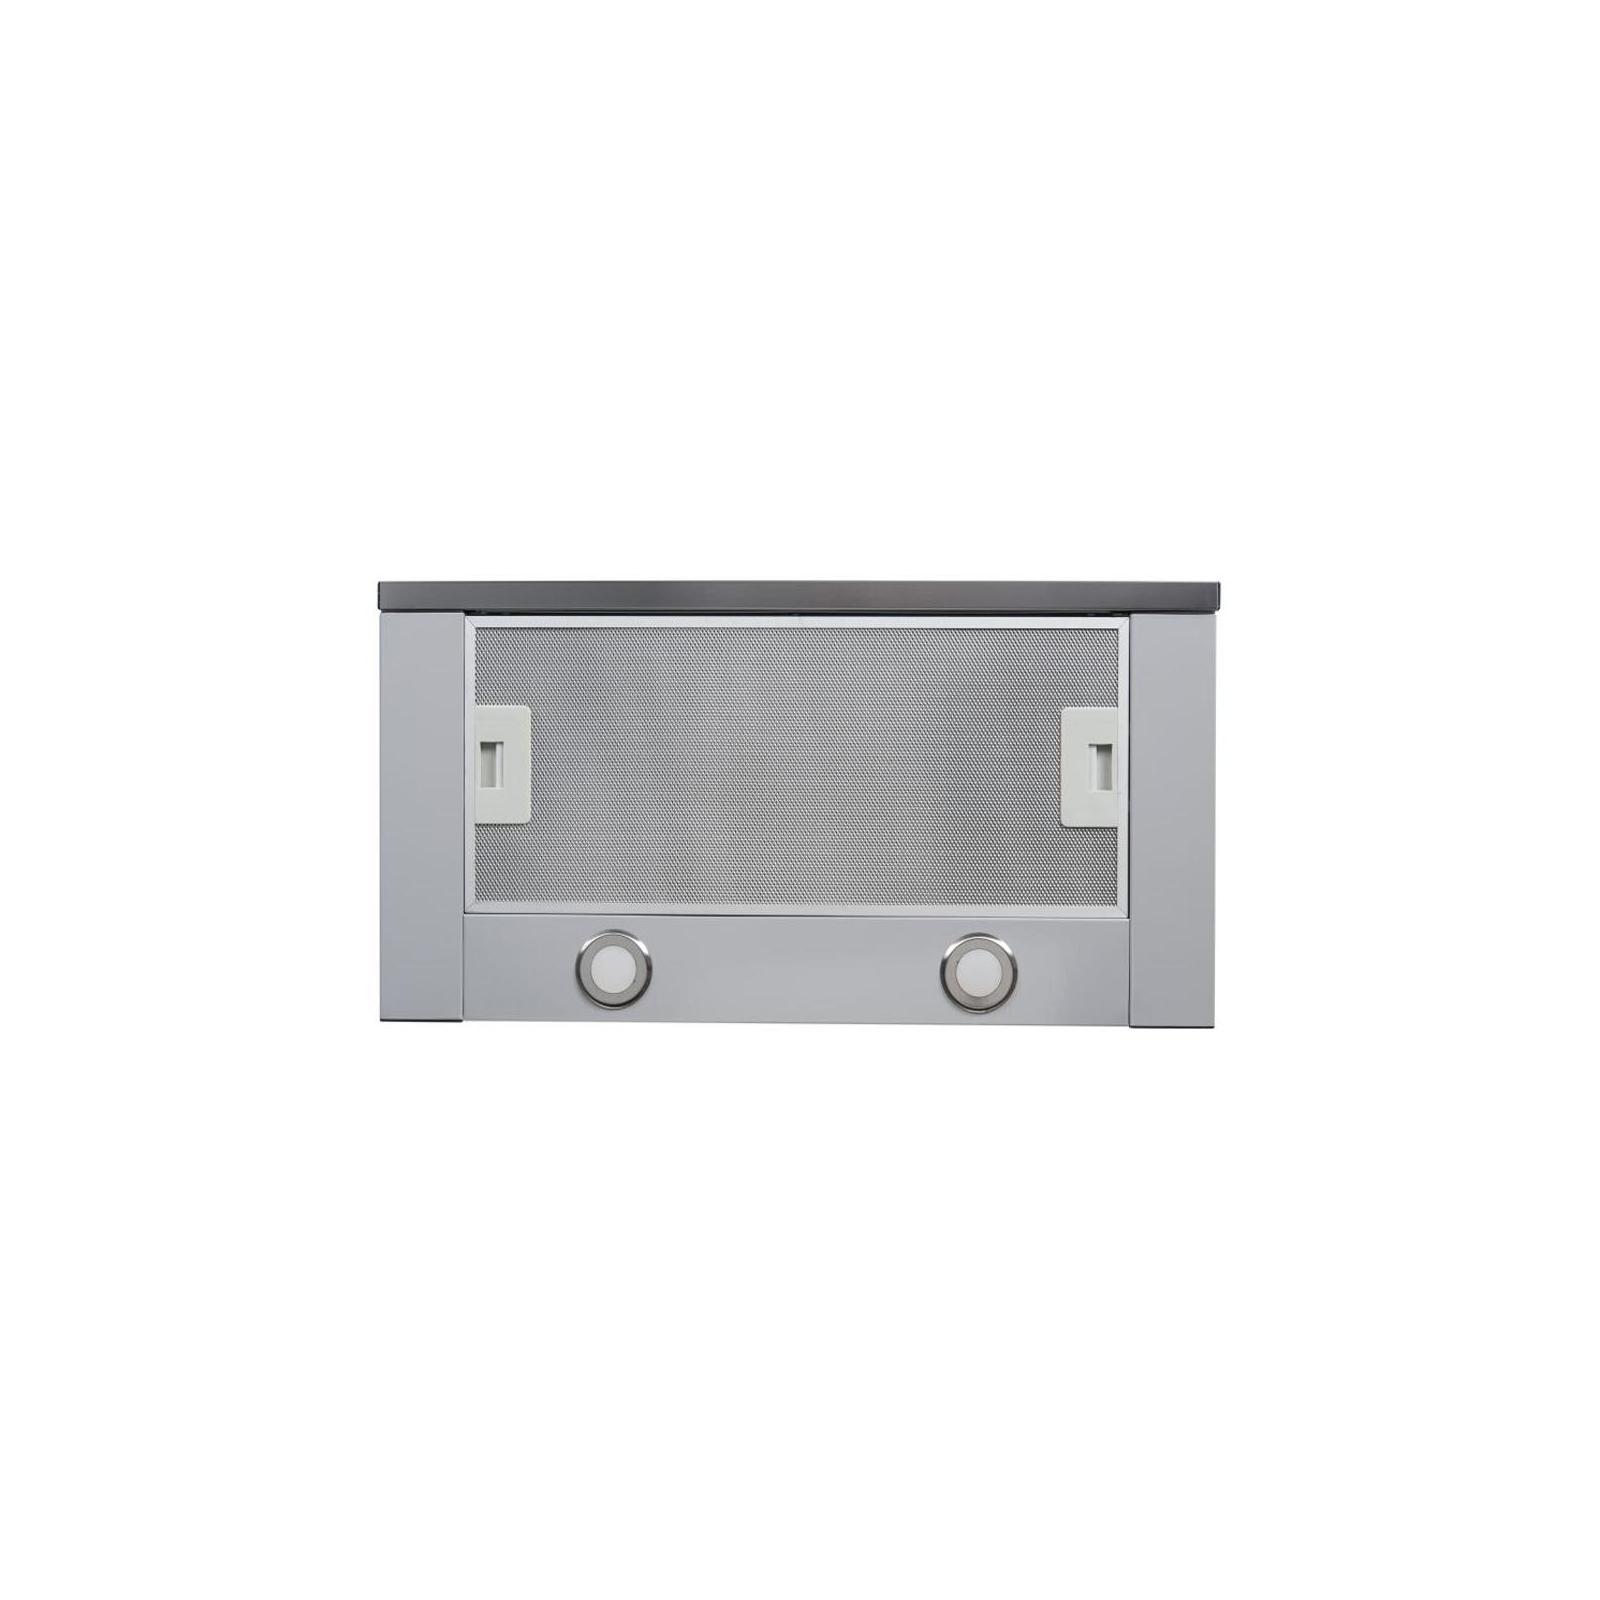 Вытяжка кухонная MINOLA HTL 6172 I/BL GLASS 650 LED изображение 3